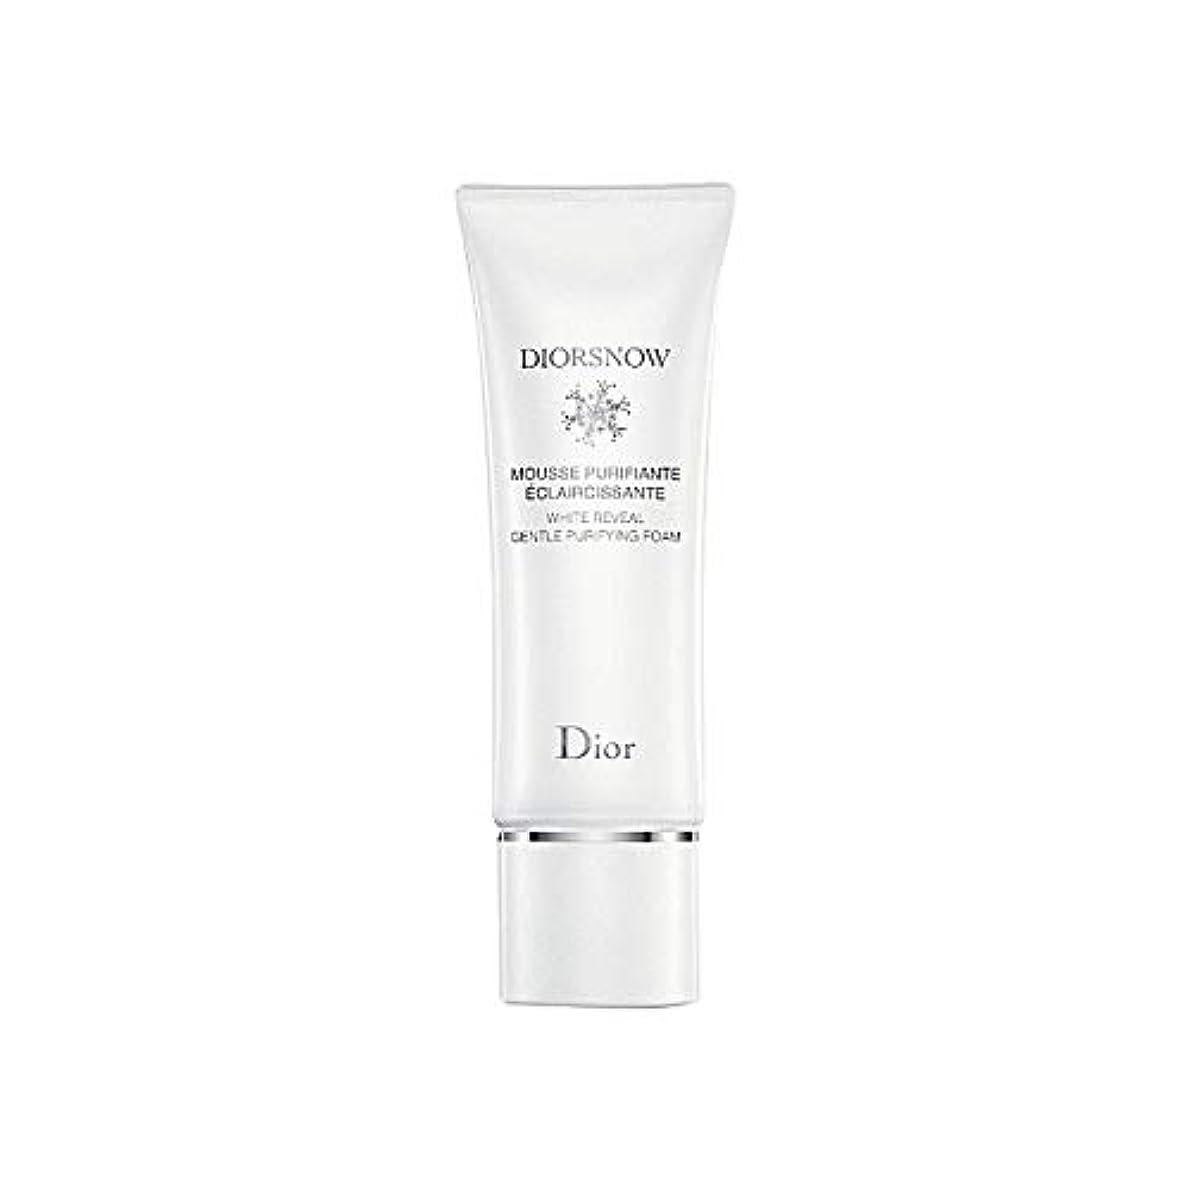 撃退する排他的何十人も[Dior] ディオールディオールスノー浄化フォーム - Dior Diorsnow Purifying Foam [並行輸入品]